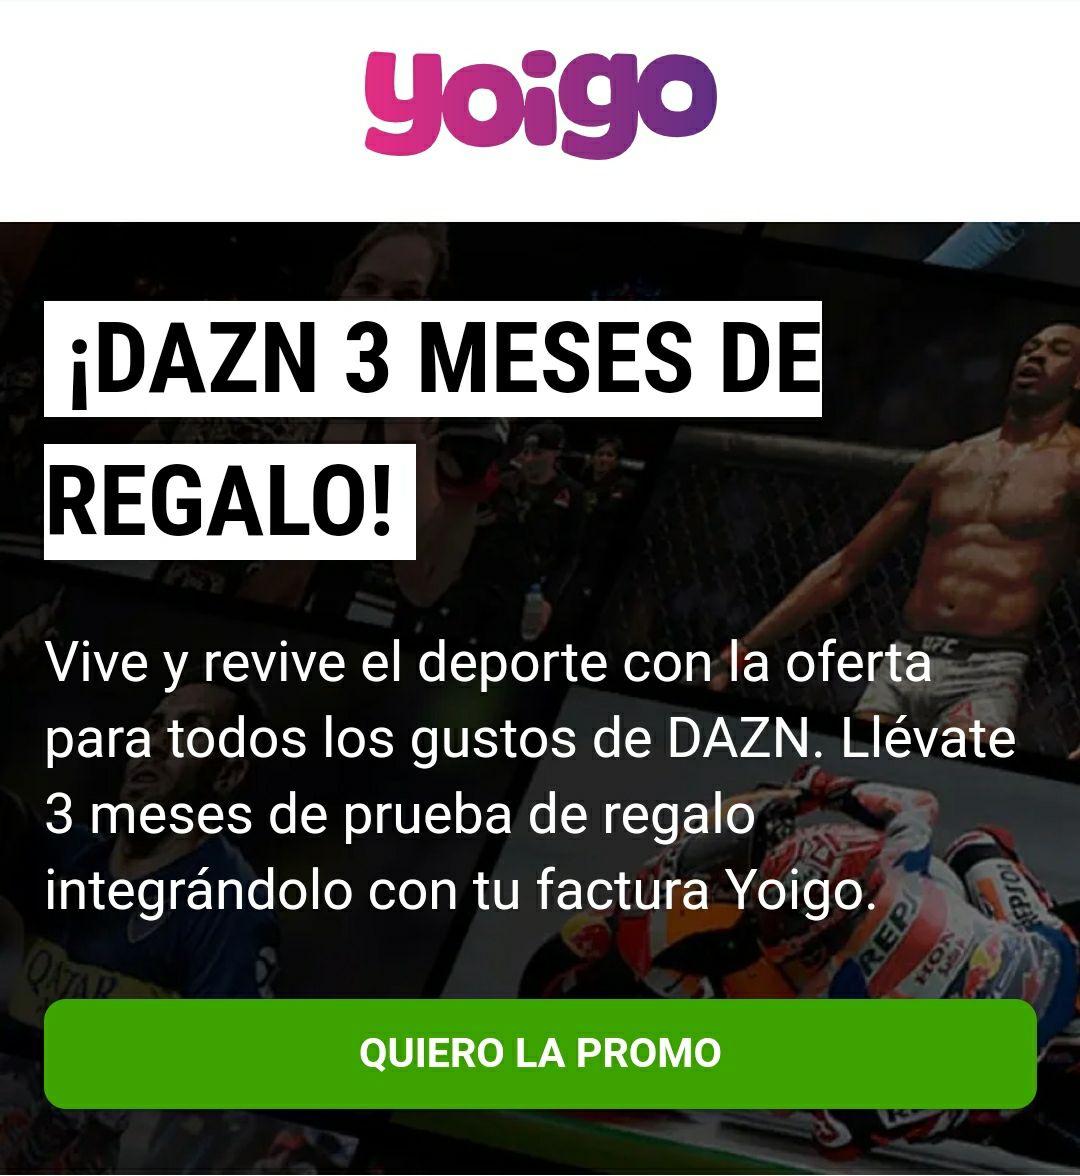 DAZN 3 meses gratis sin permanencia con Yoigo